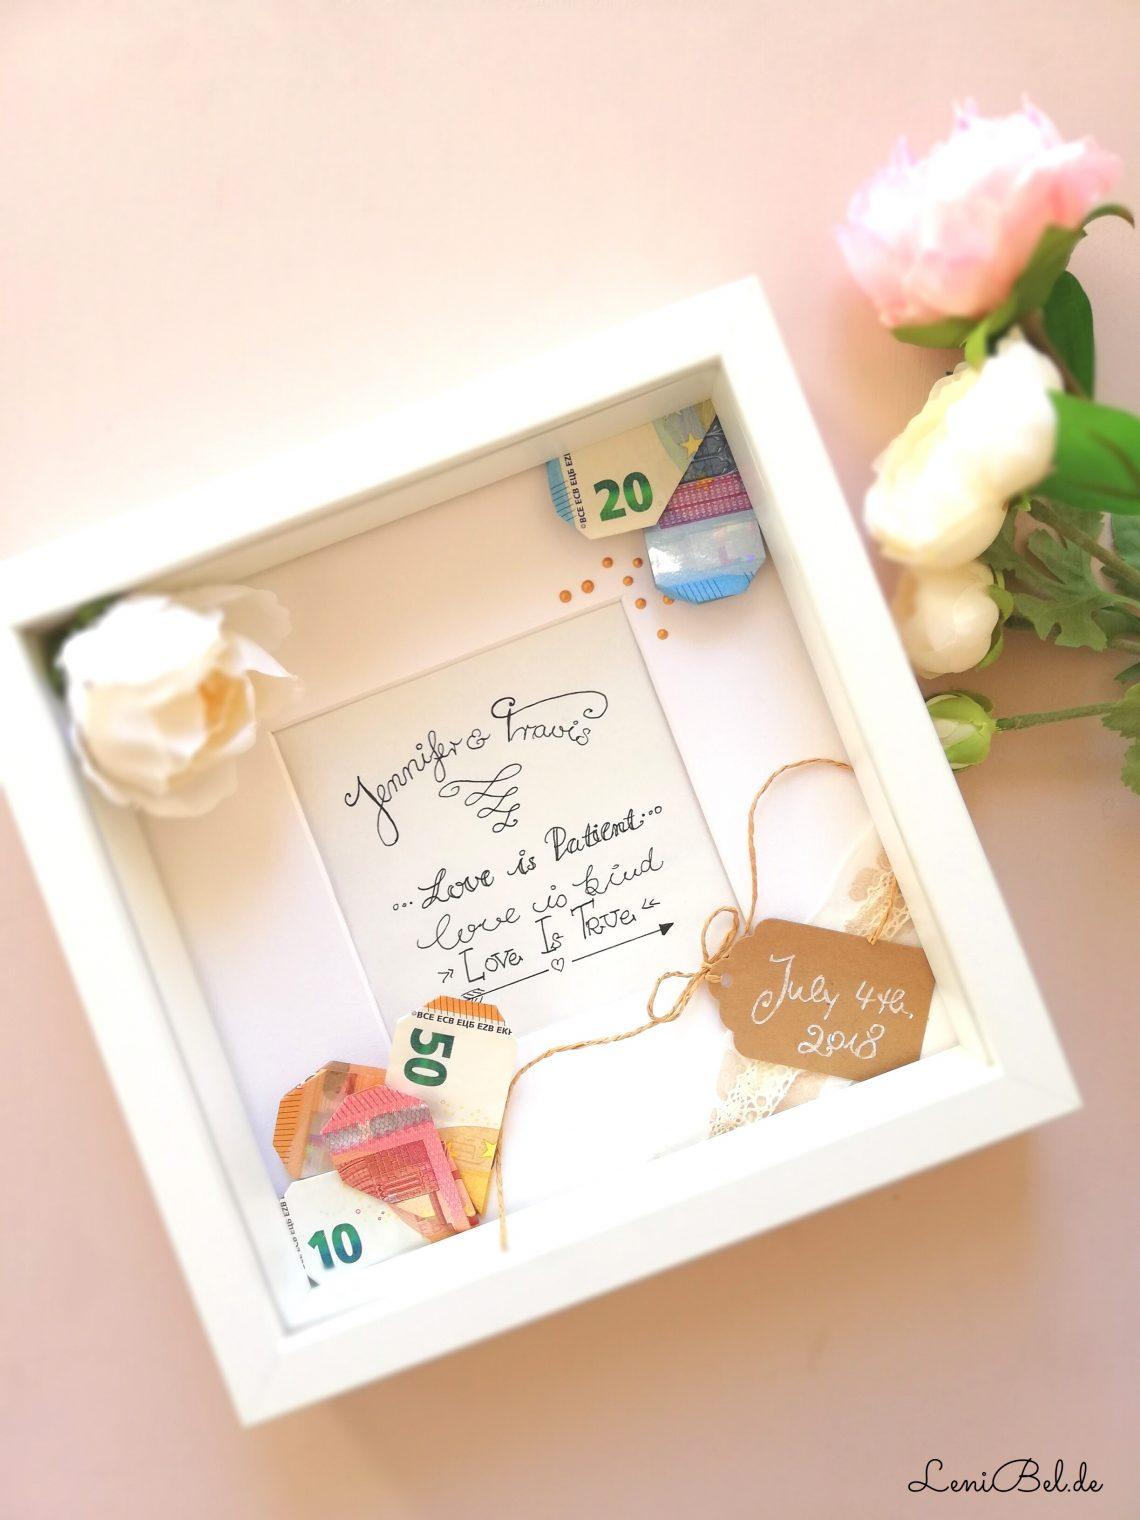 Geldgeschenk zur hochzeit lenibel for Hochzeit geldgeschenk hohe